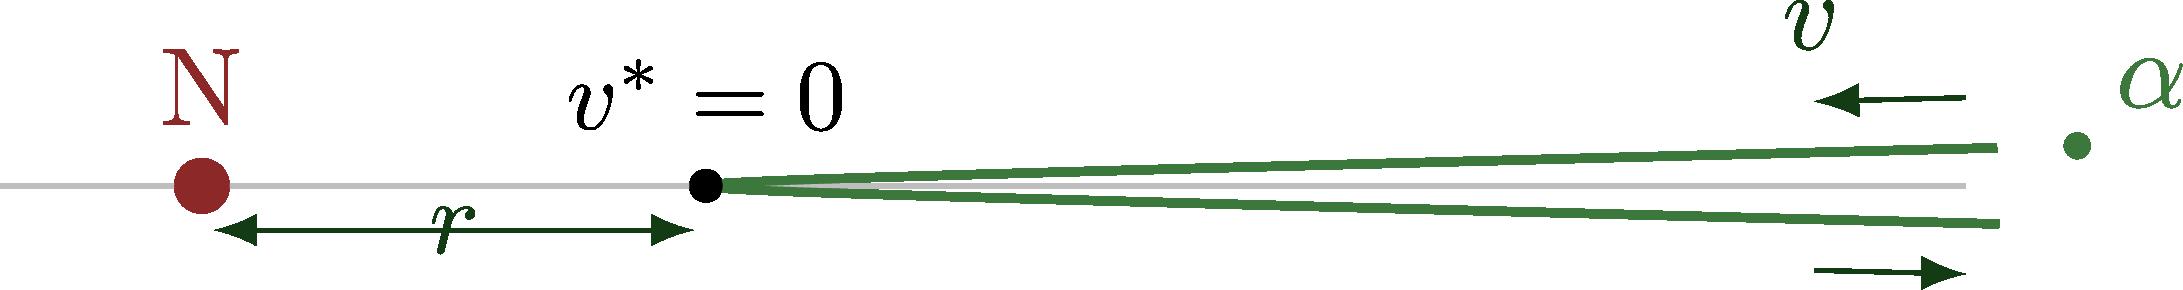 hyperbola-002.png